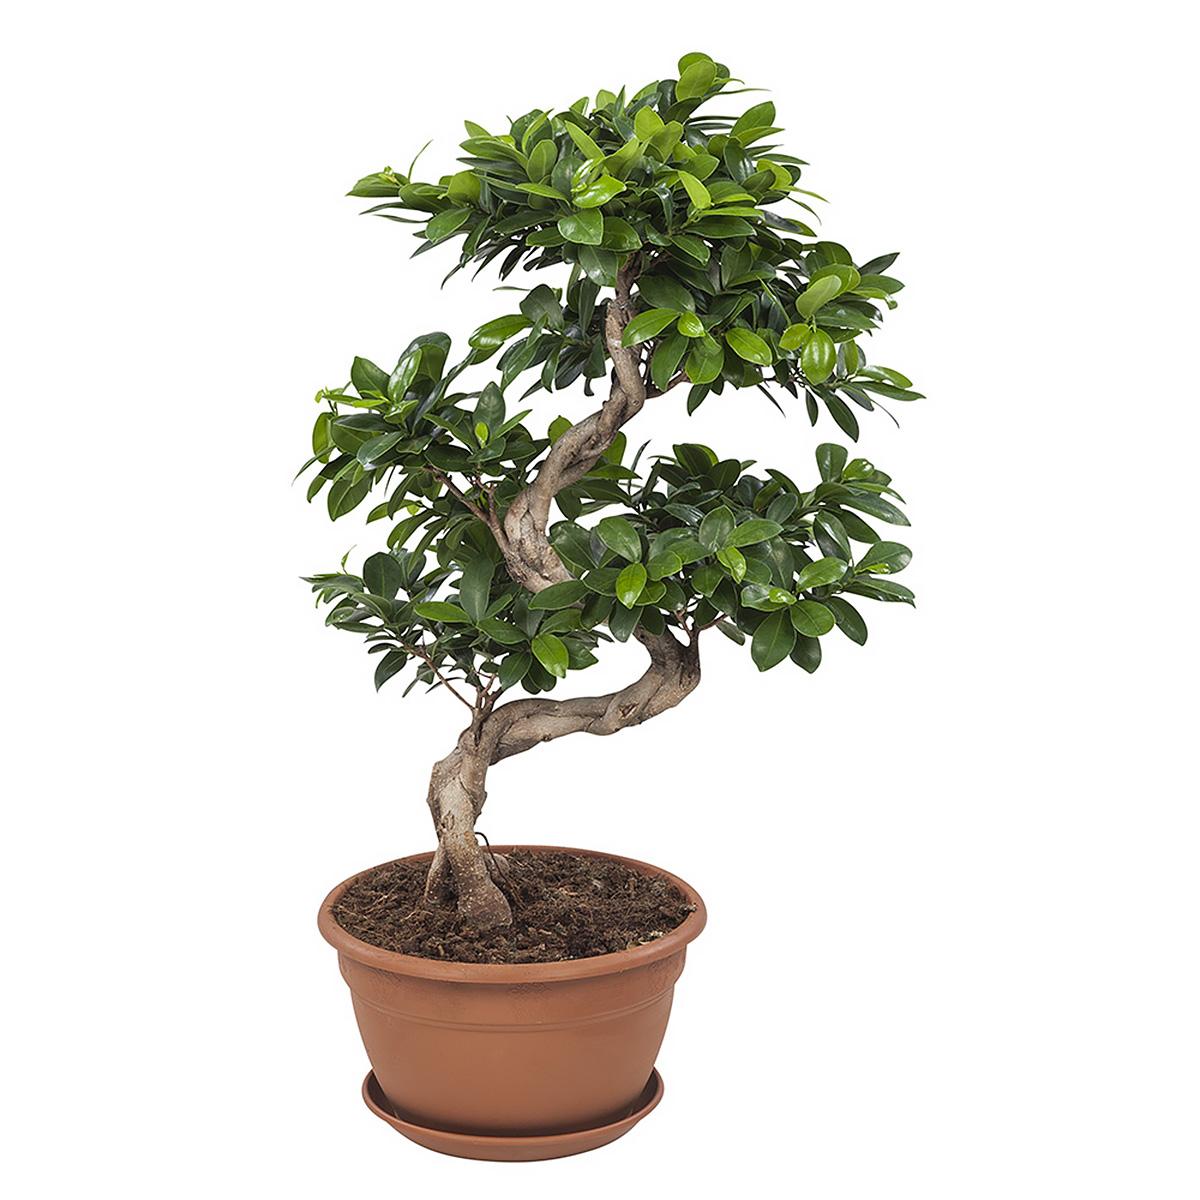 Plante d'intérieur - Bonsaï Ficus de 70cm